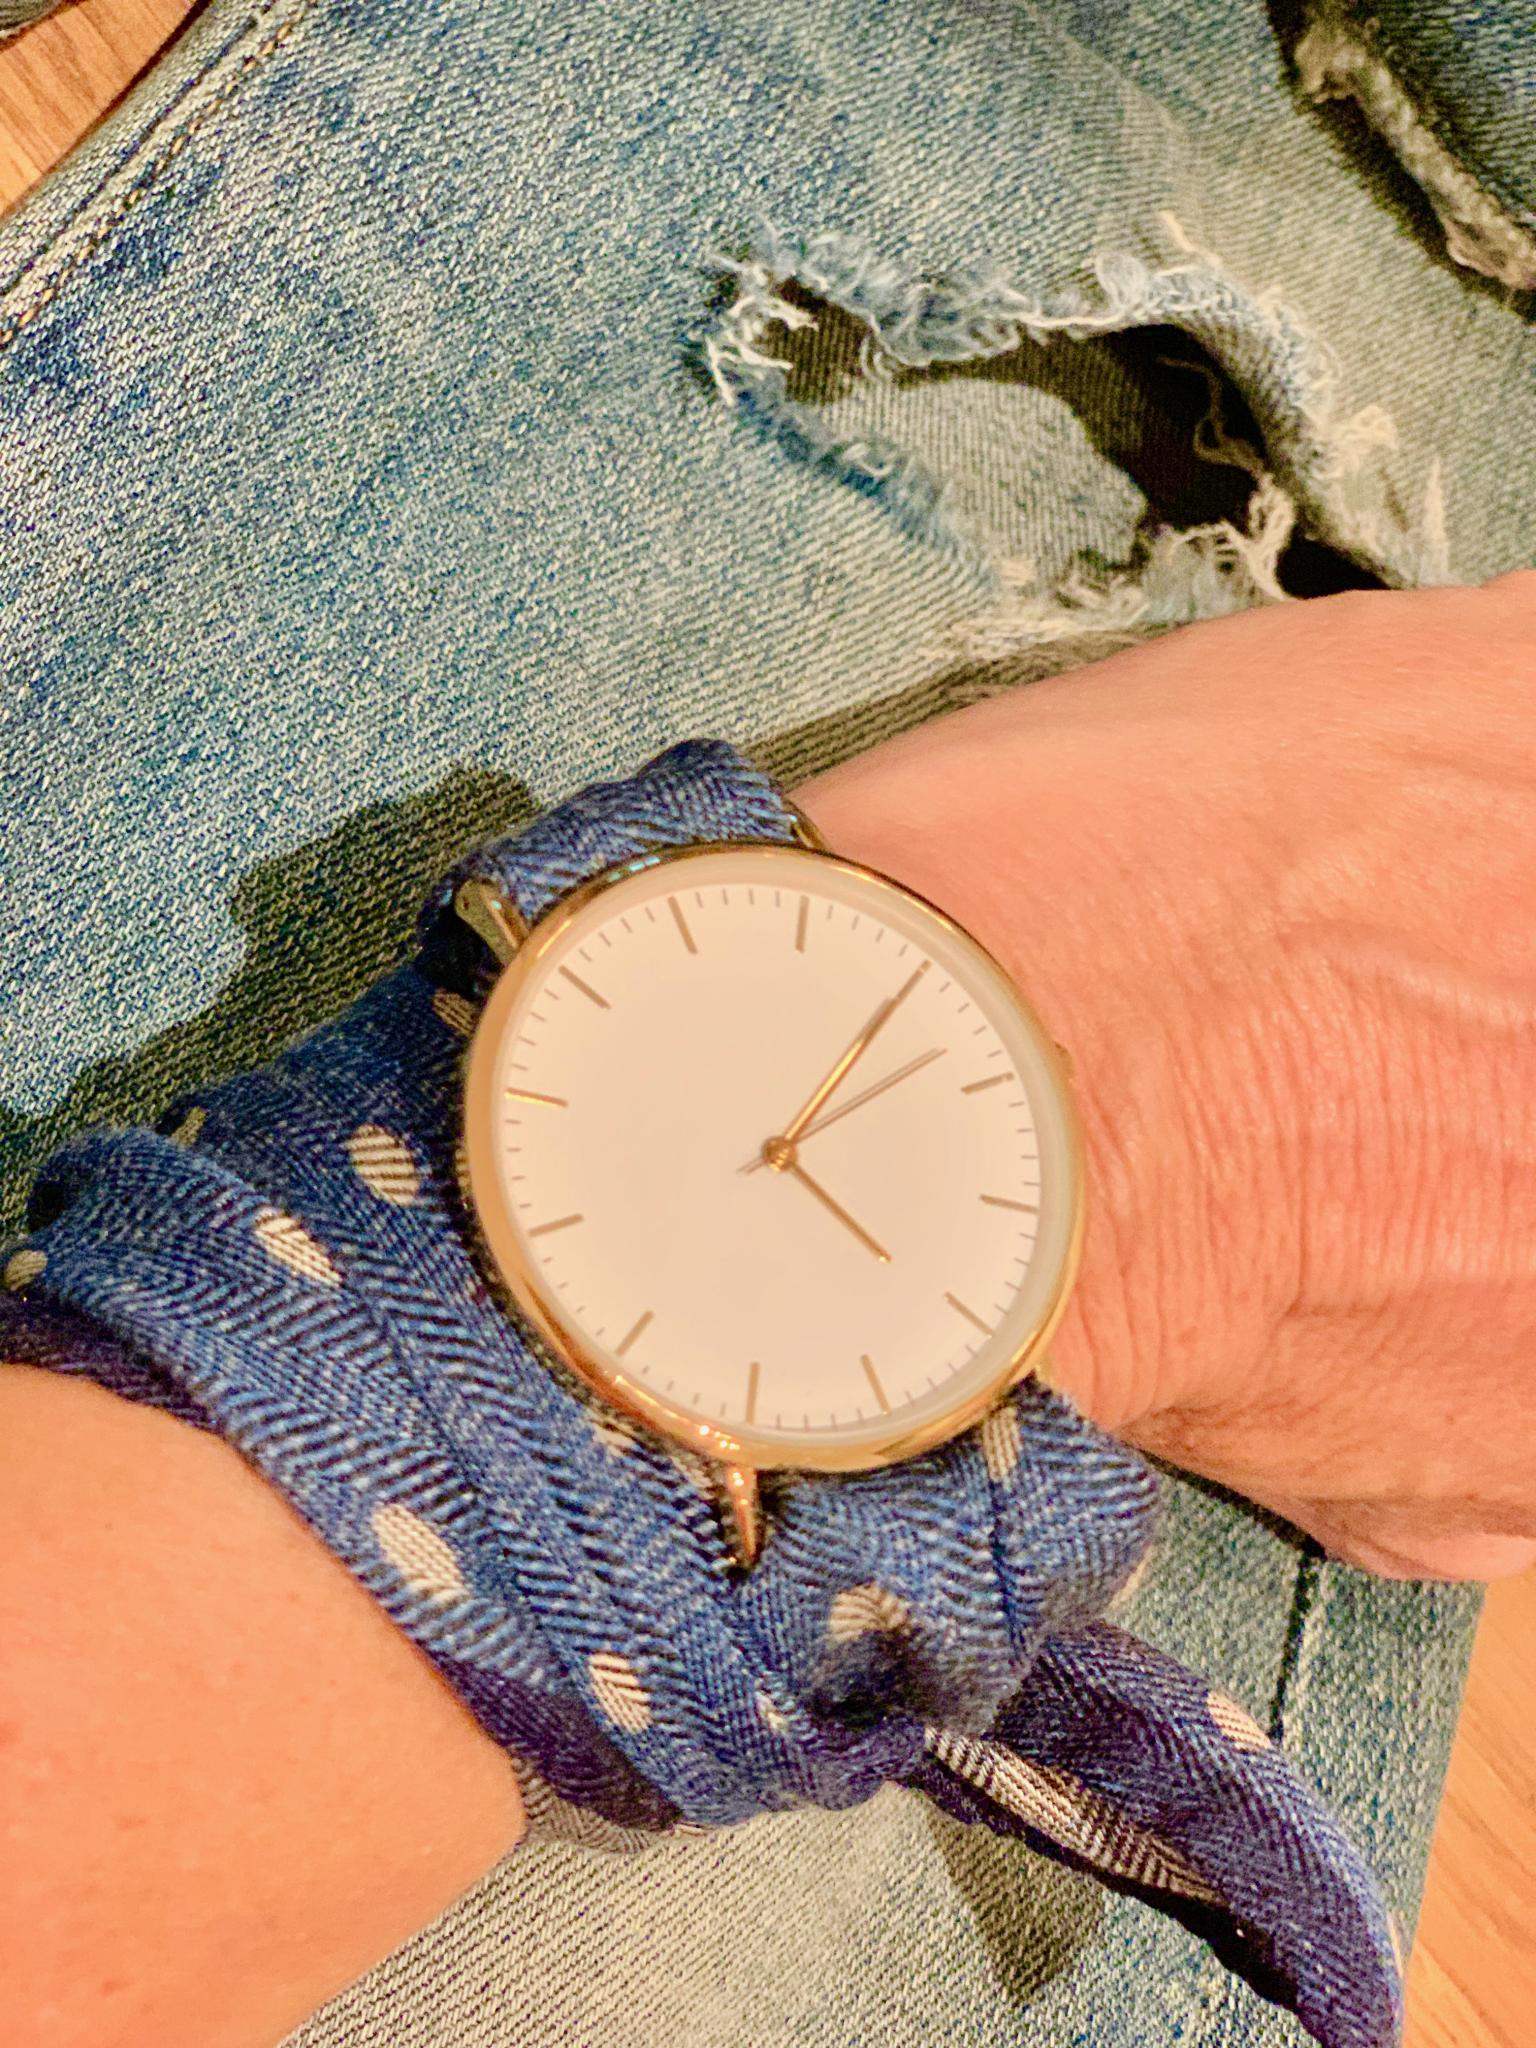 Bibi Horst's Eigenkreation, eine Twilly Uhr, aus Seidentüchern entwirft Bibi Horst eine neue Uhrekreation